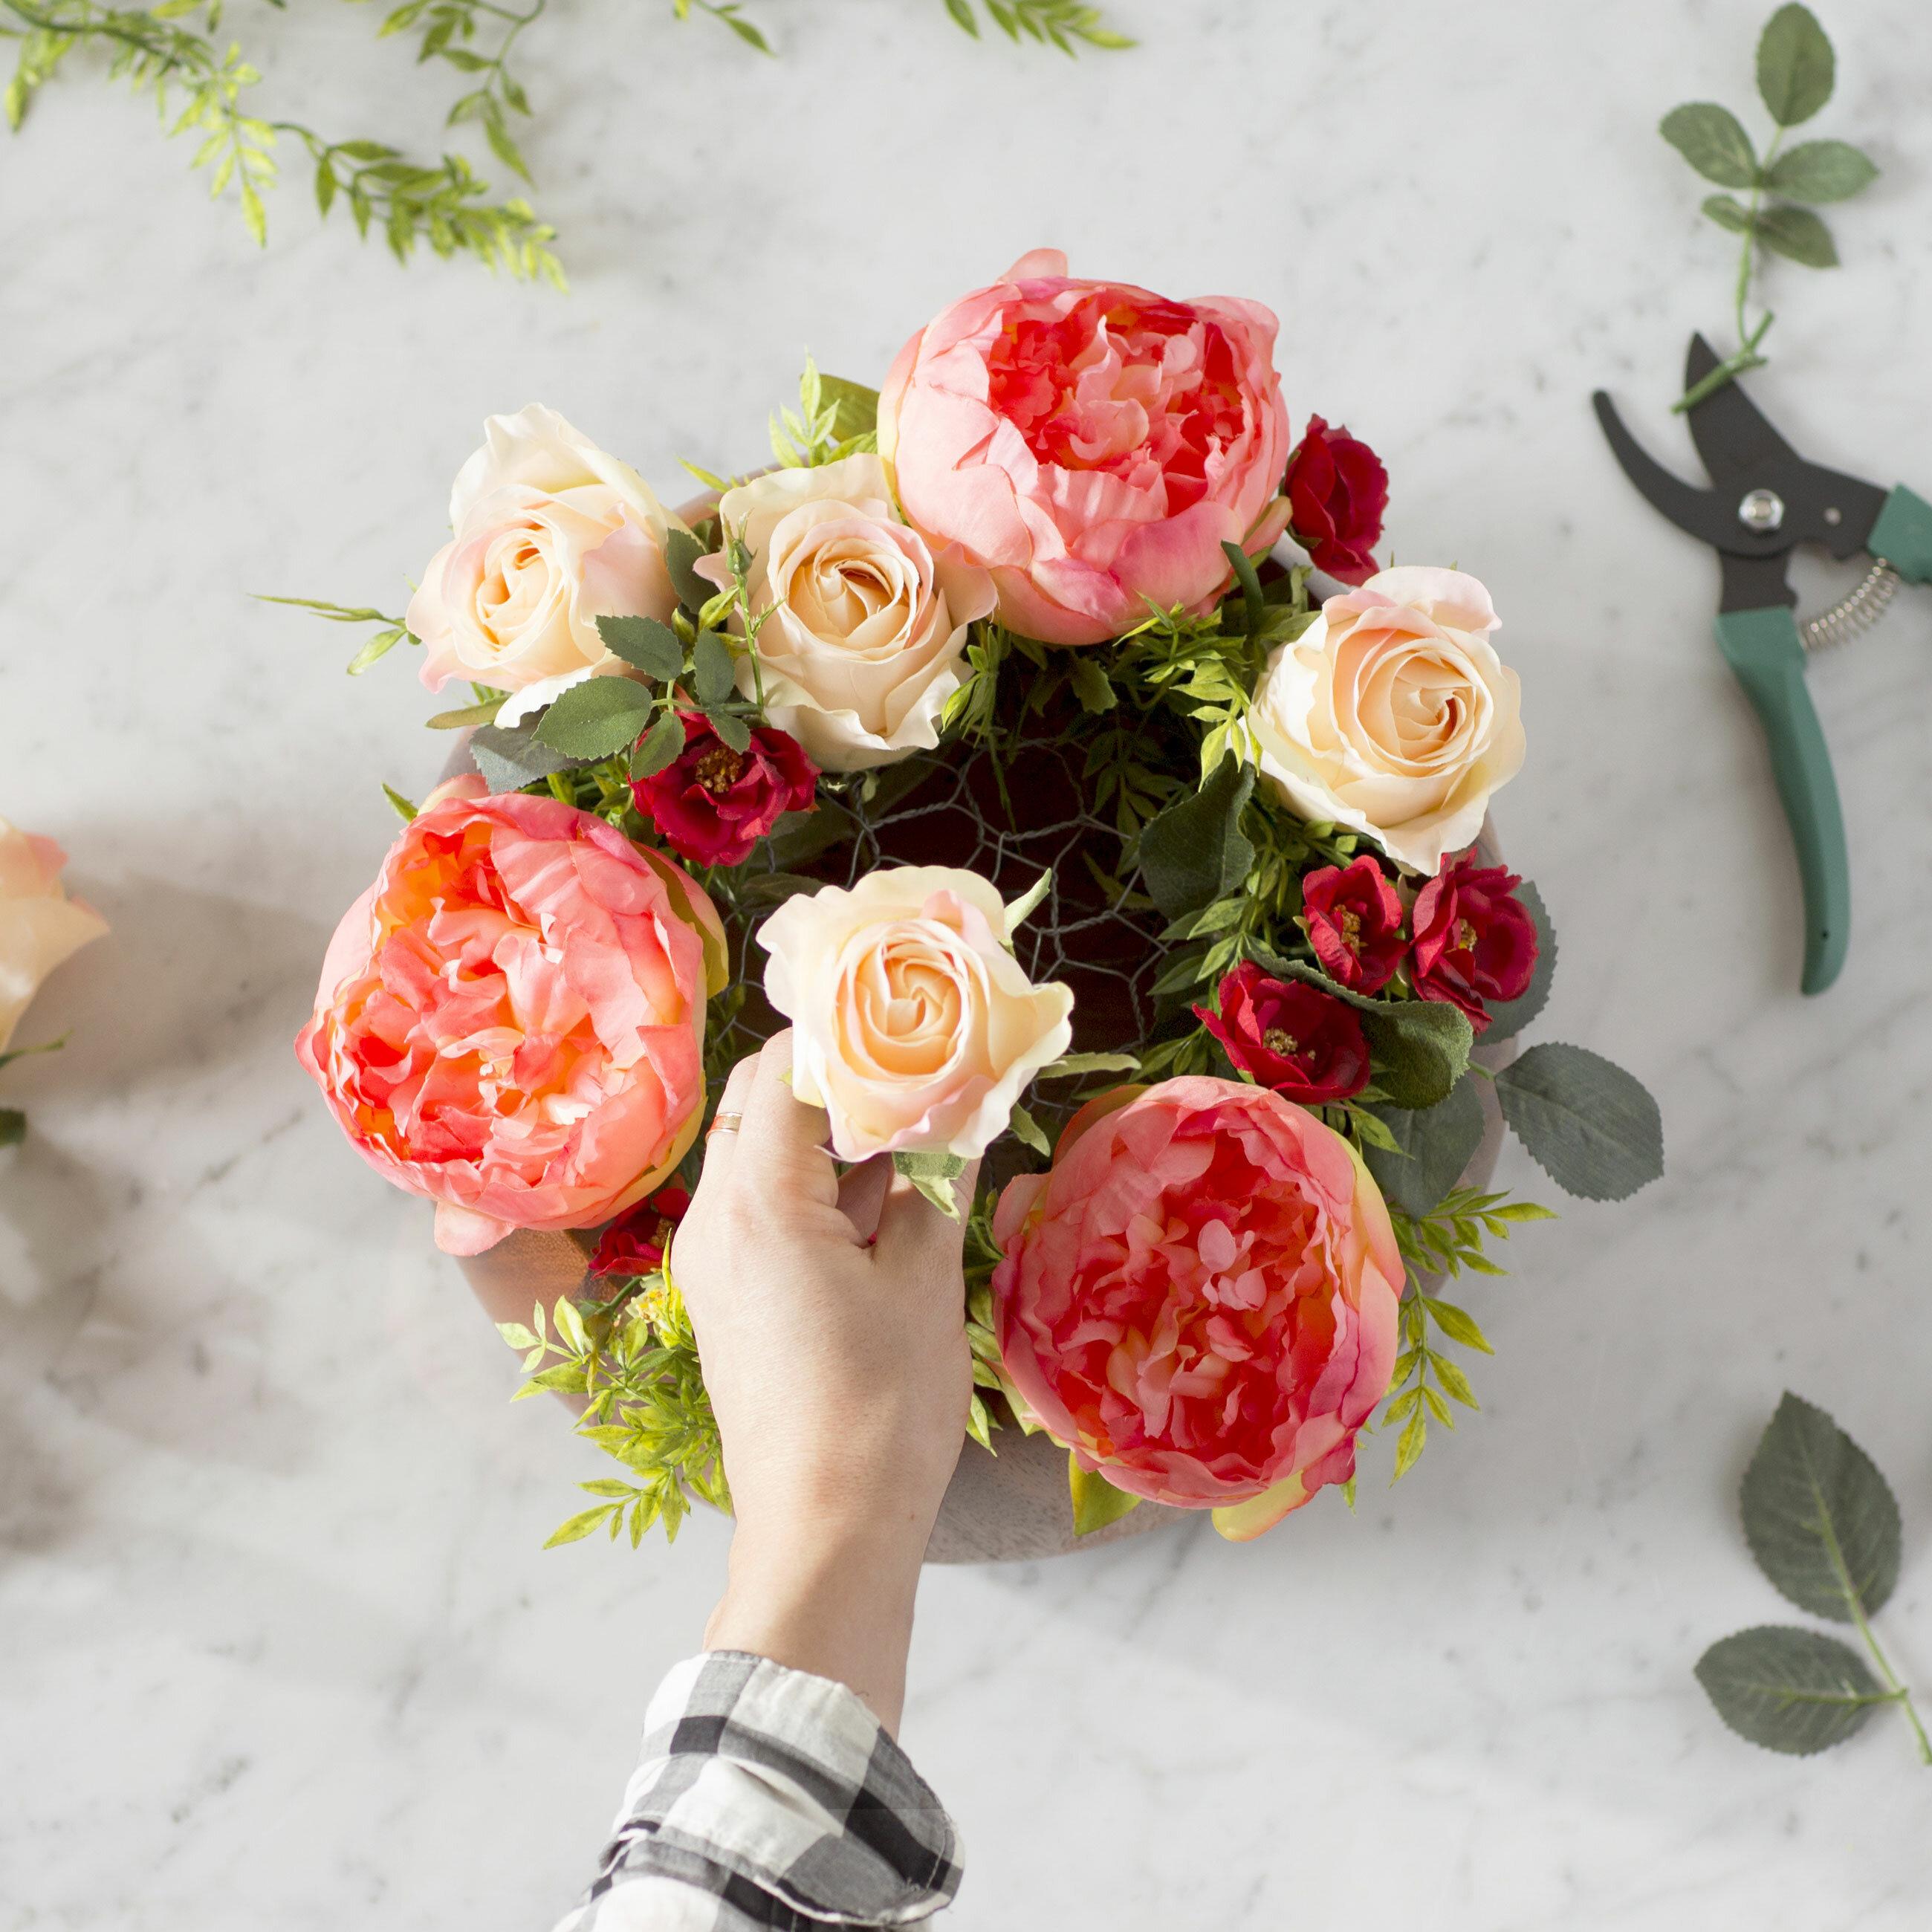 20 Minute Diy Faux Flower Arrangement